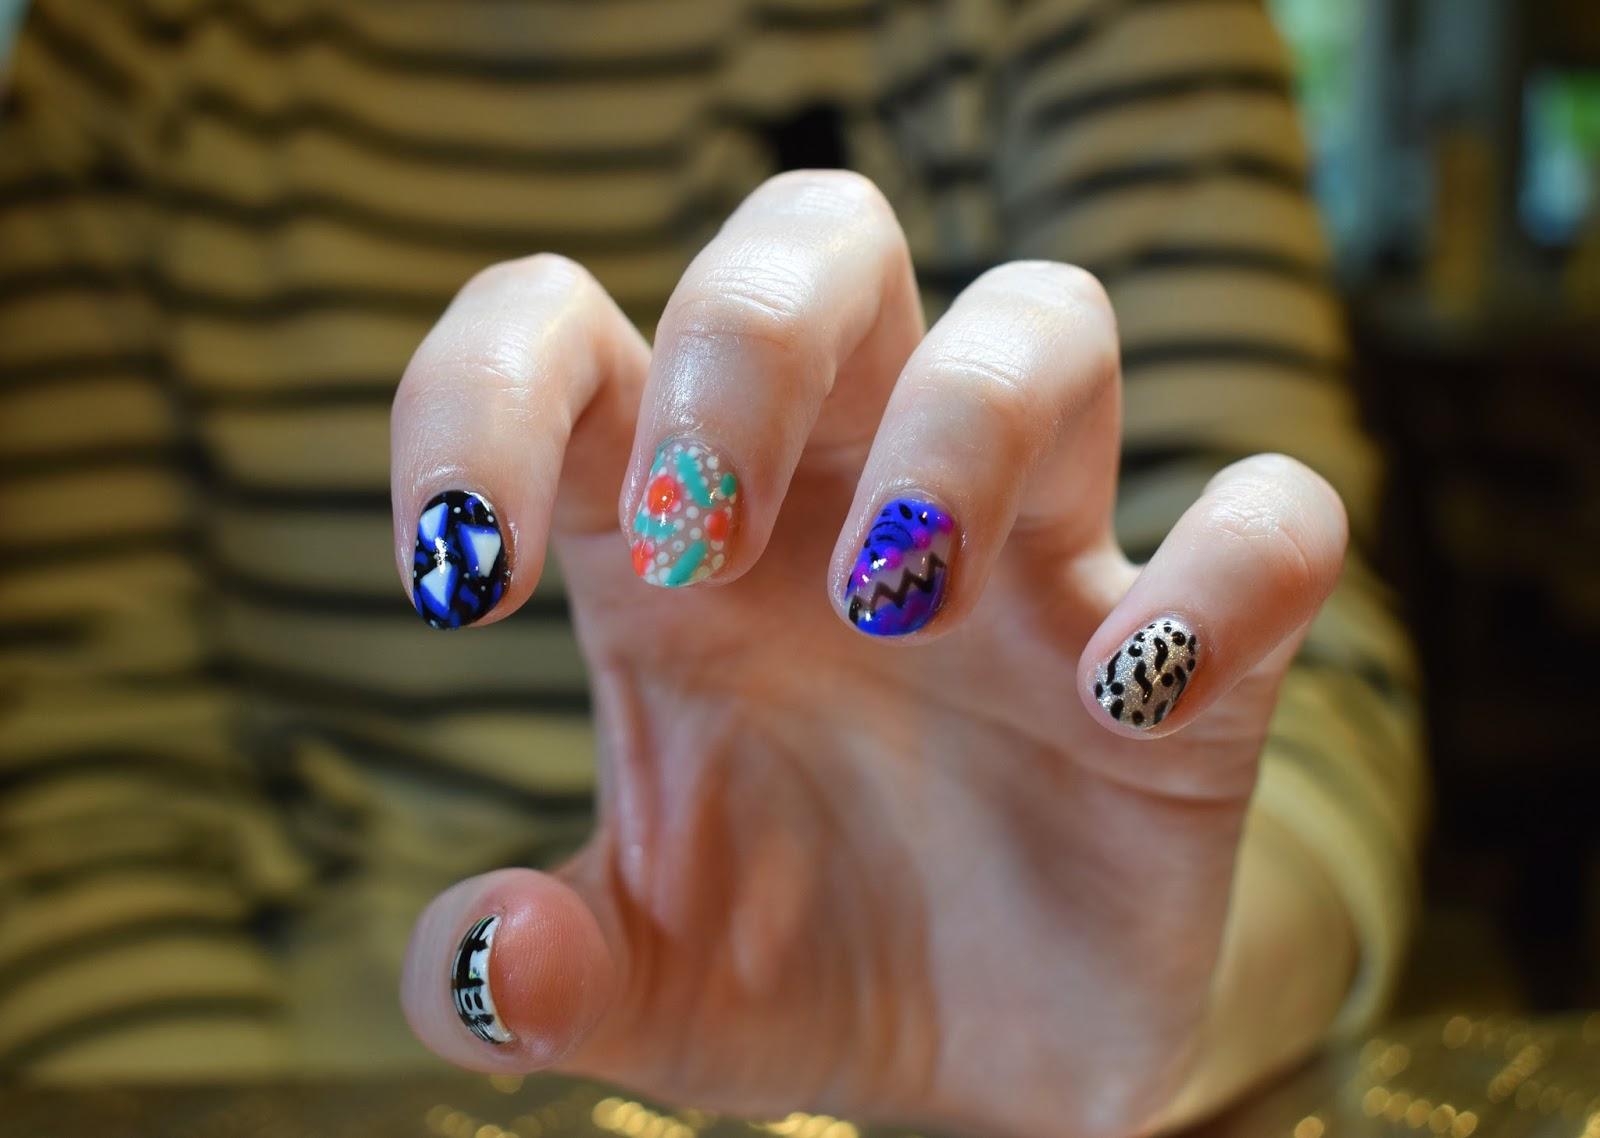 Cutie-Kills Nails, Zara Evry nail artist, Medusa Grassmarket, Edinburgh nail artist, gel polish colour, fashion blogger nails favourite, 80s graphic nail art trend, 80s nail inspiration